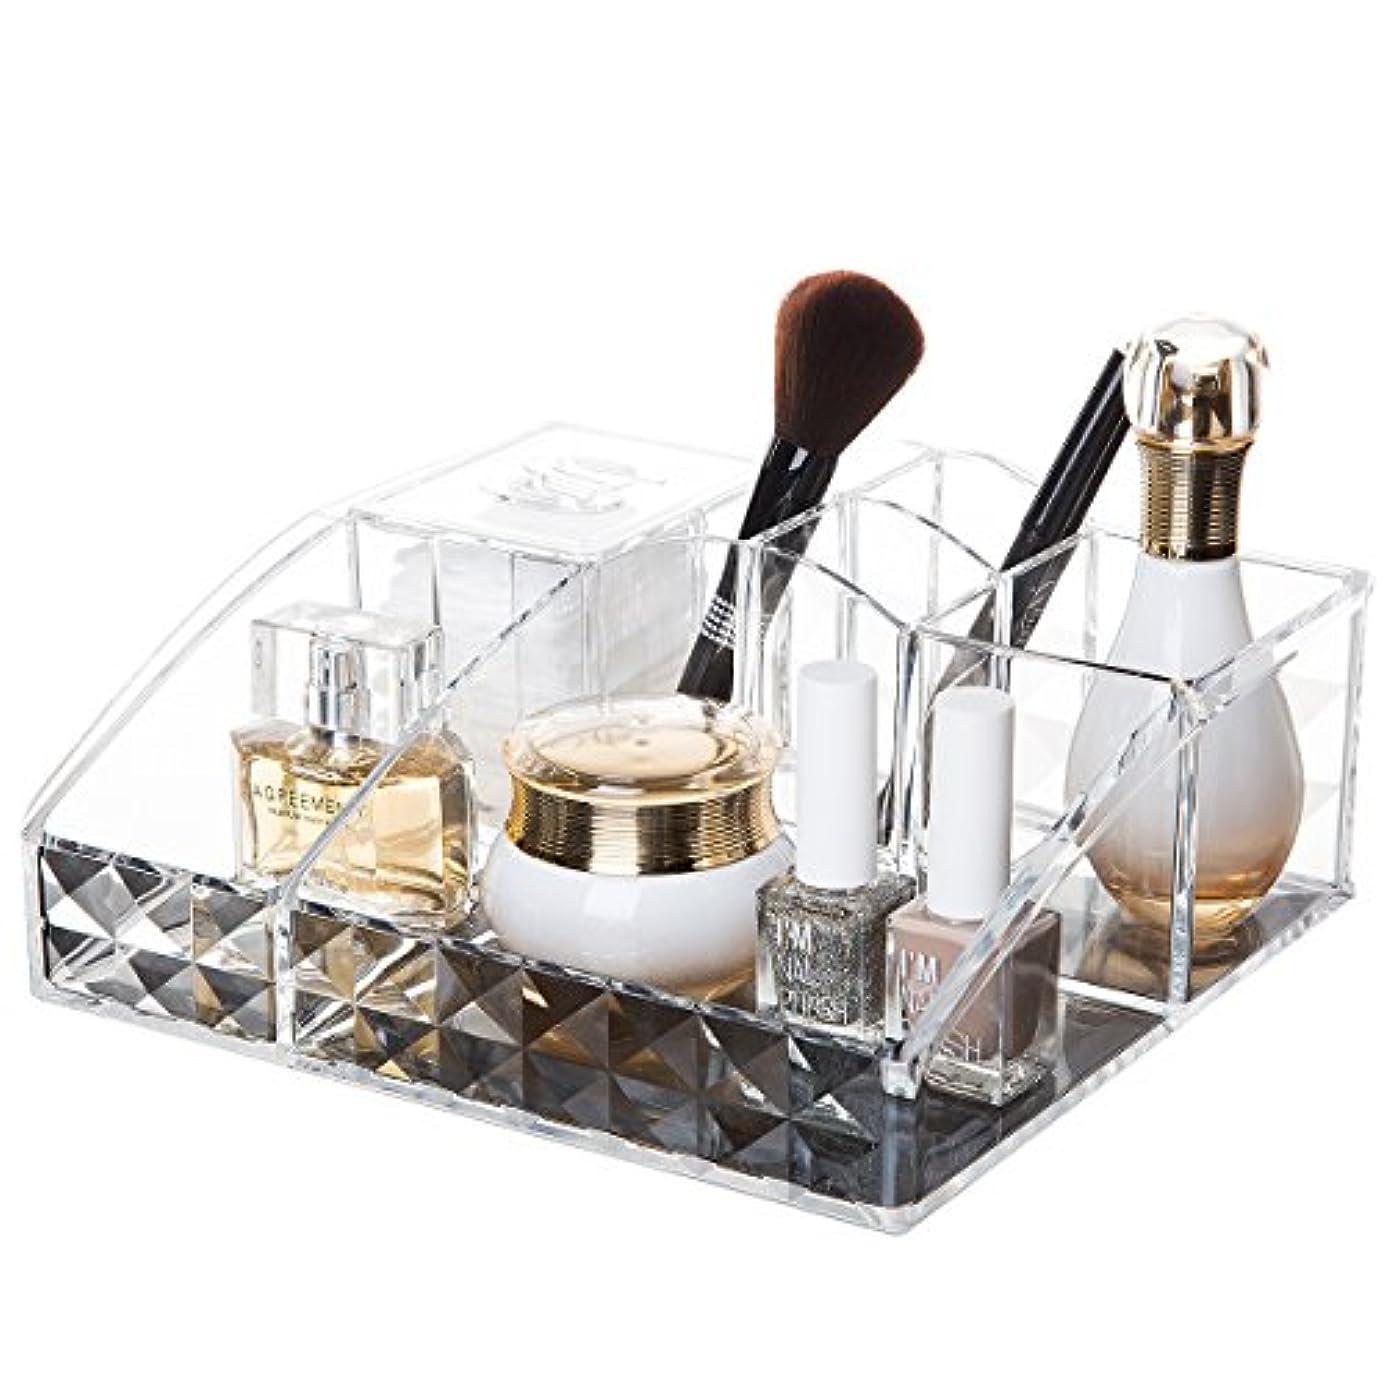 看板うなるスライムコスメ収納ボックス アクリルケース 収納ケース 卓上収納 仕切り付き アクリル製 化粧道具 雑貨収納 洗面台 鏡台 (Y-1034)